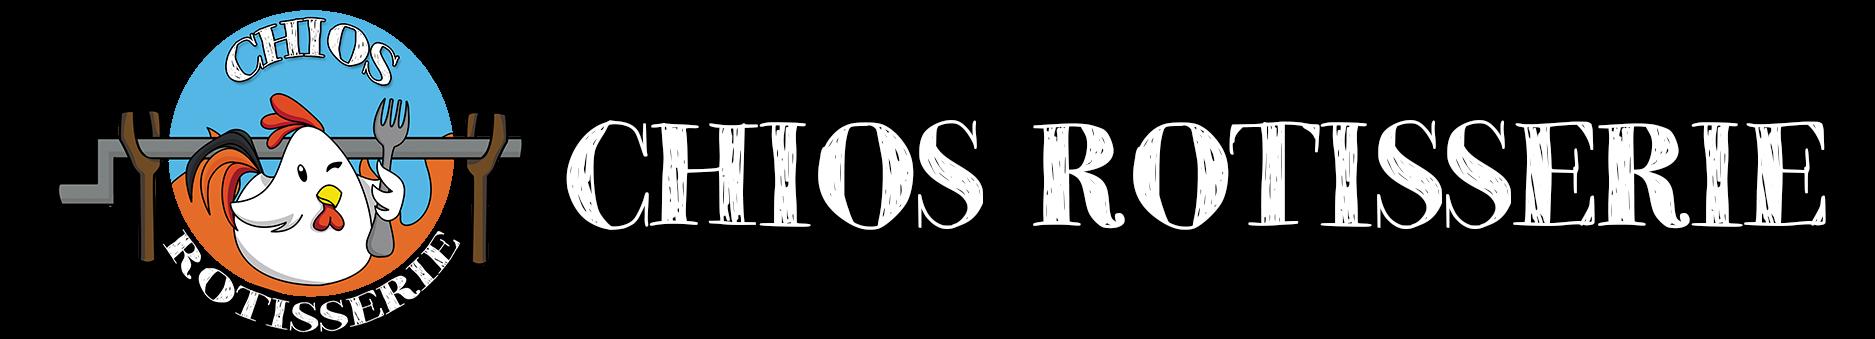 Chios Rotisserie